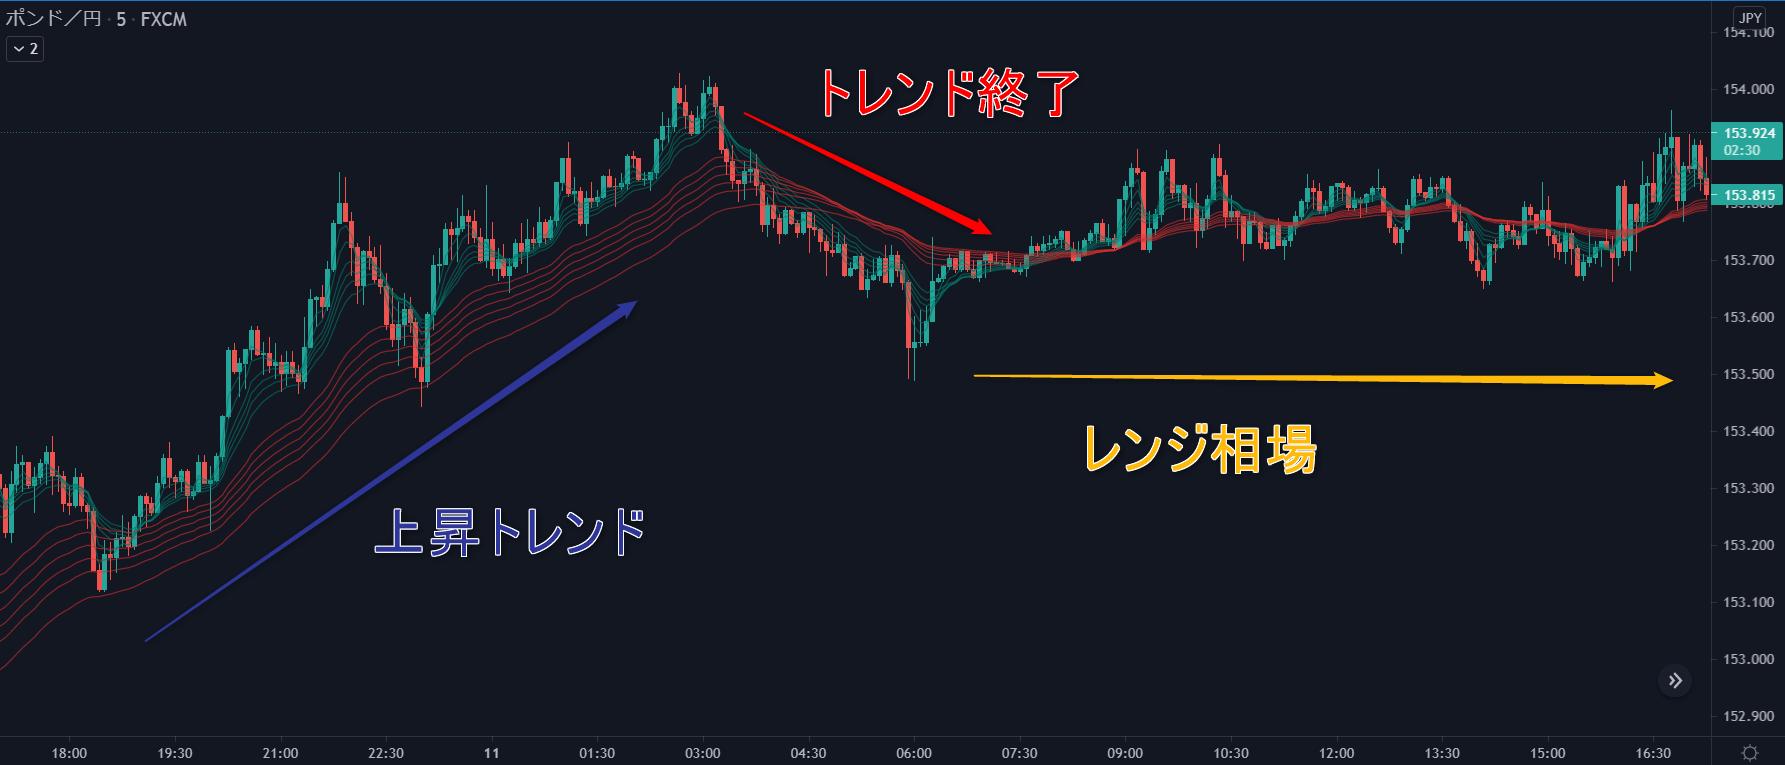 GMMAチャートトレンド転換図